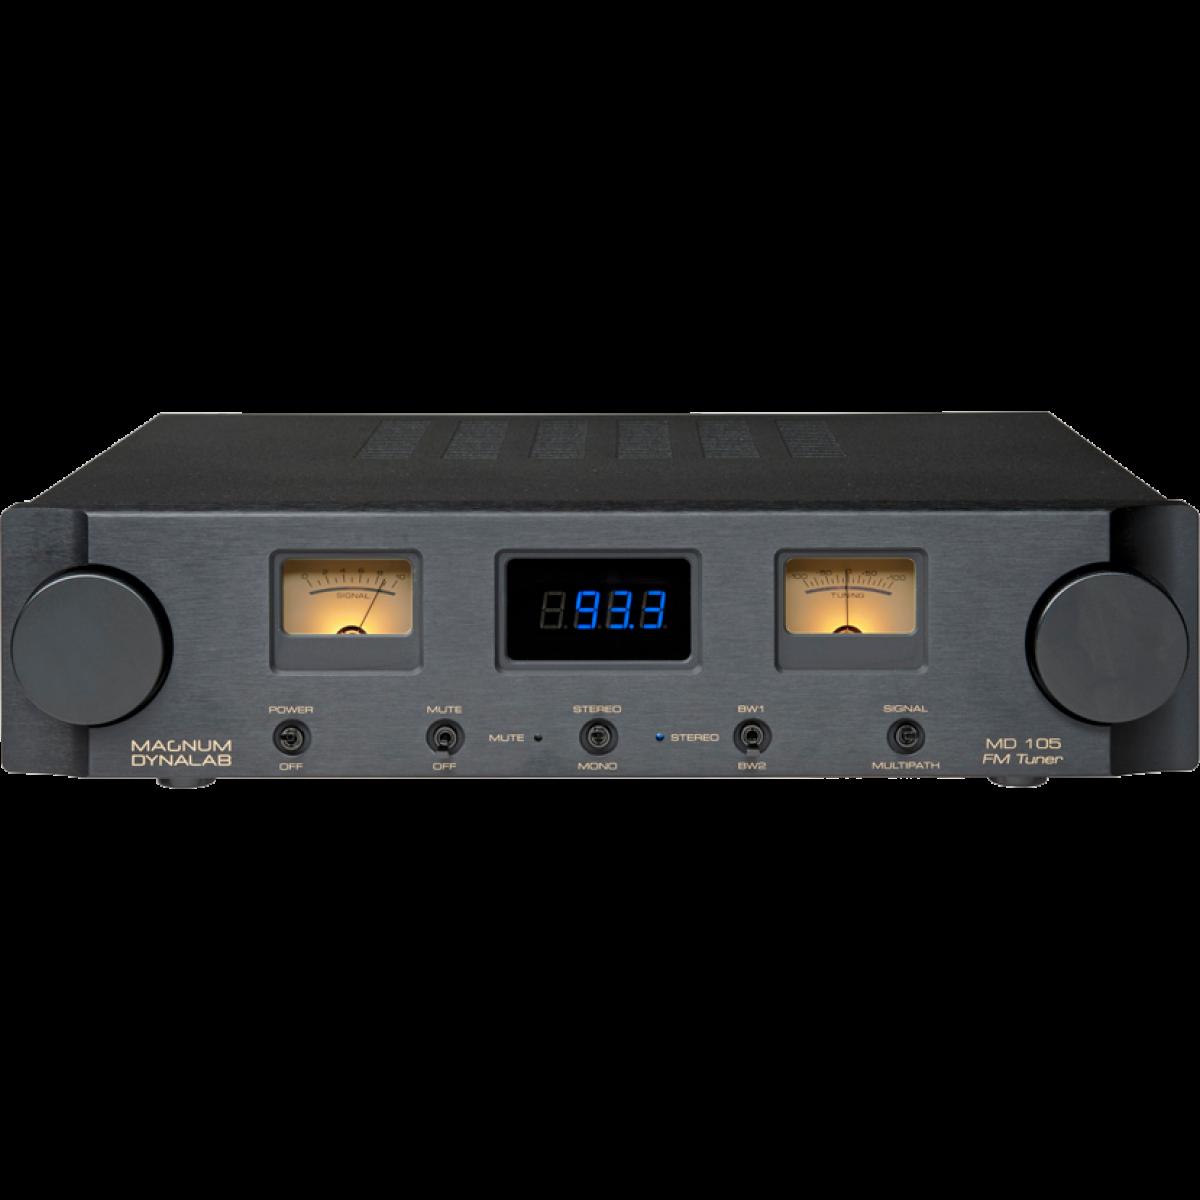 Magnum Dynalab MD 105 FM Tuner